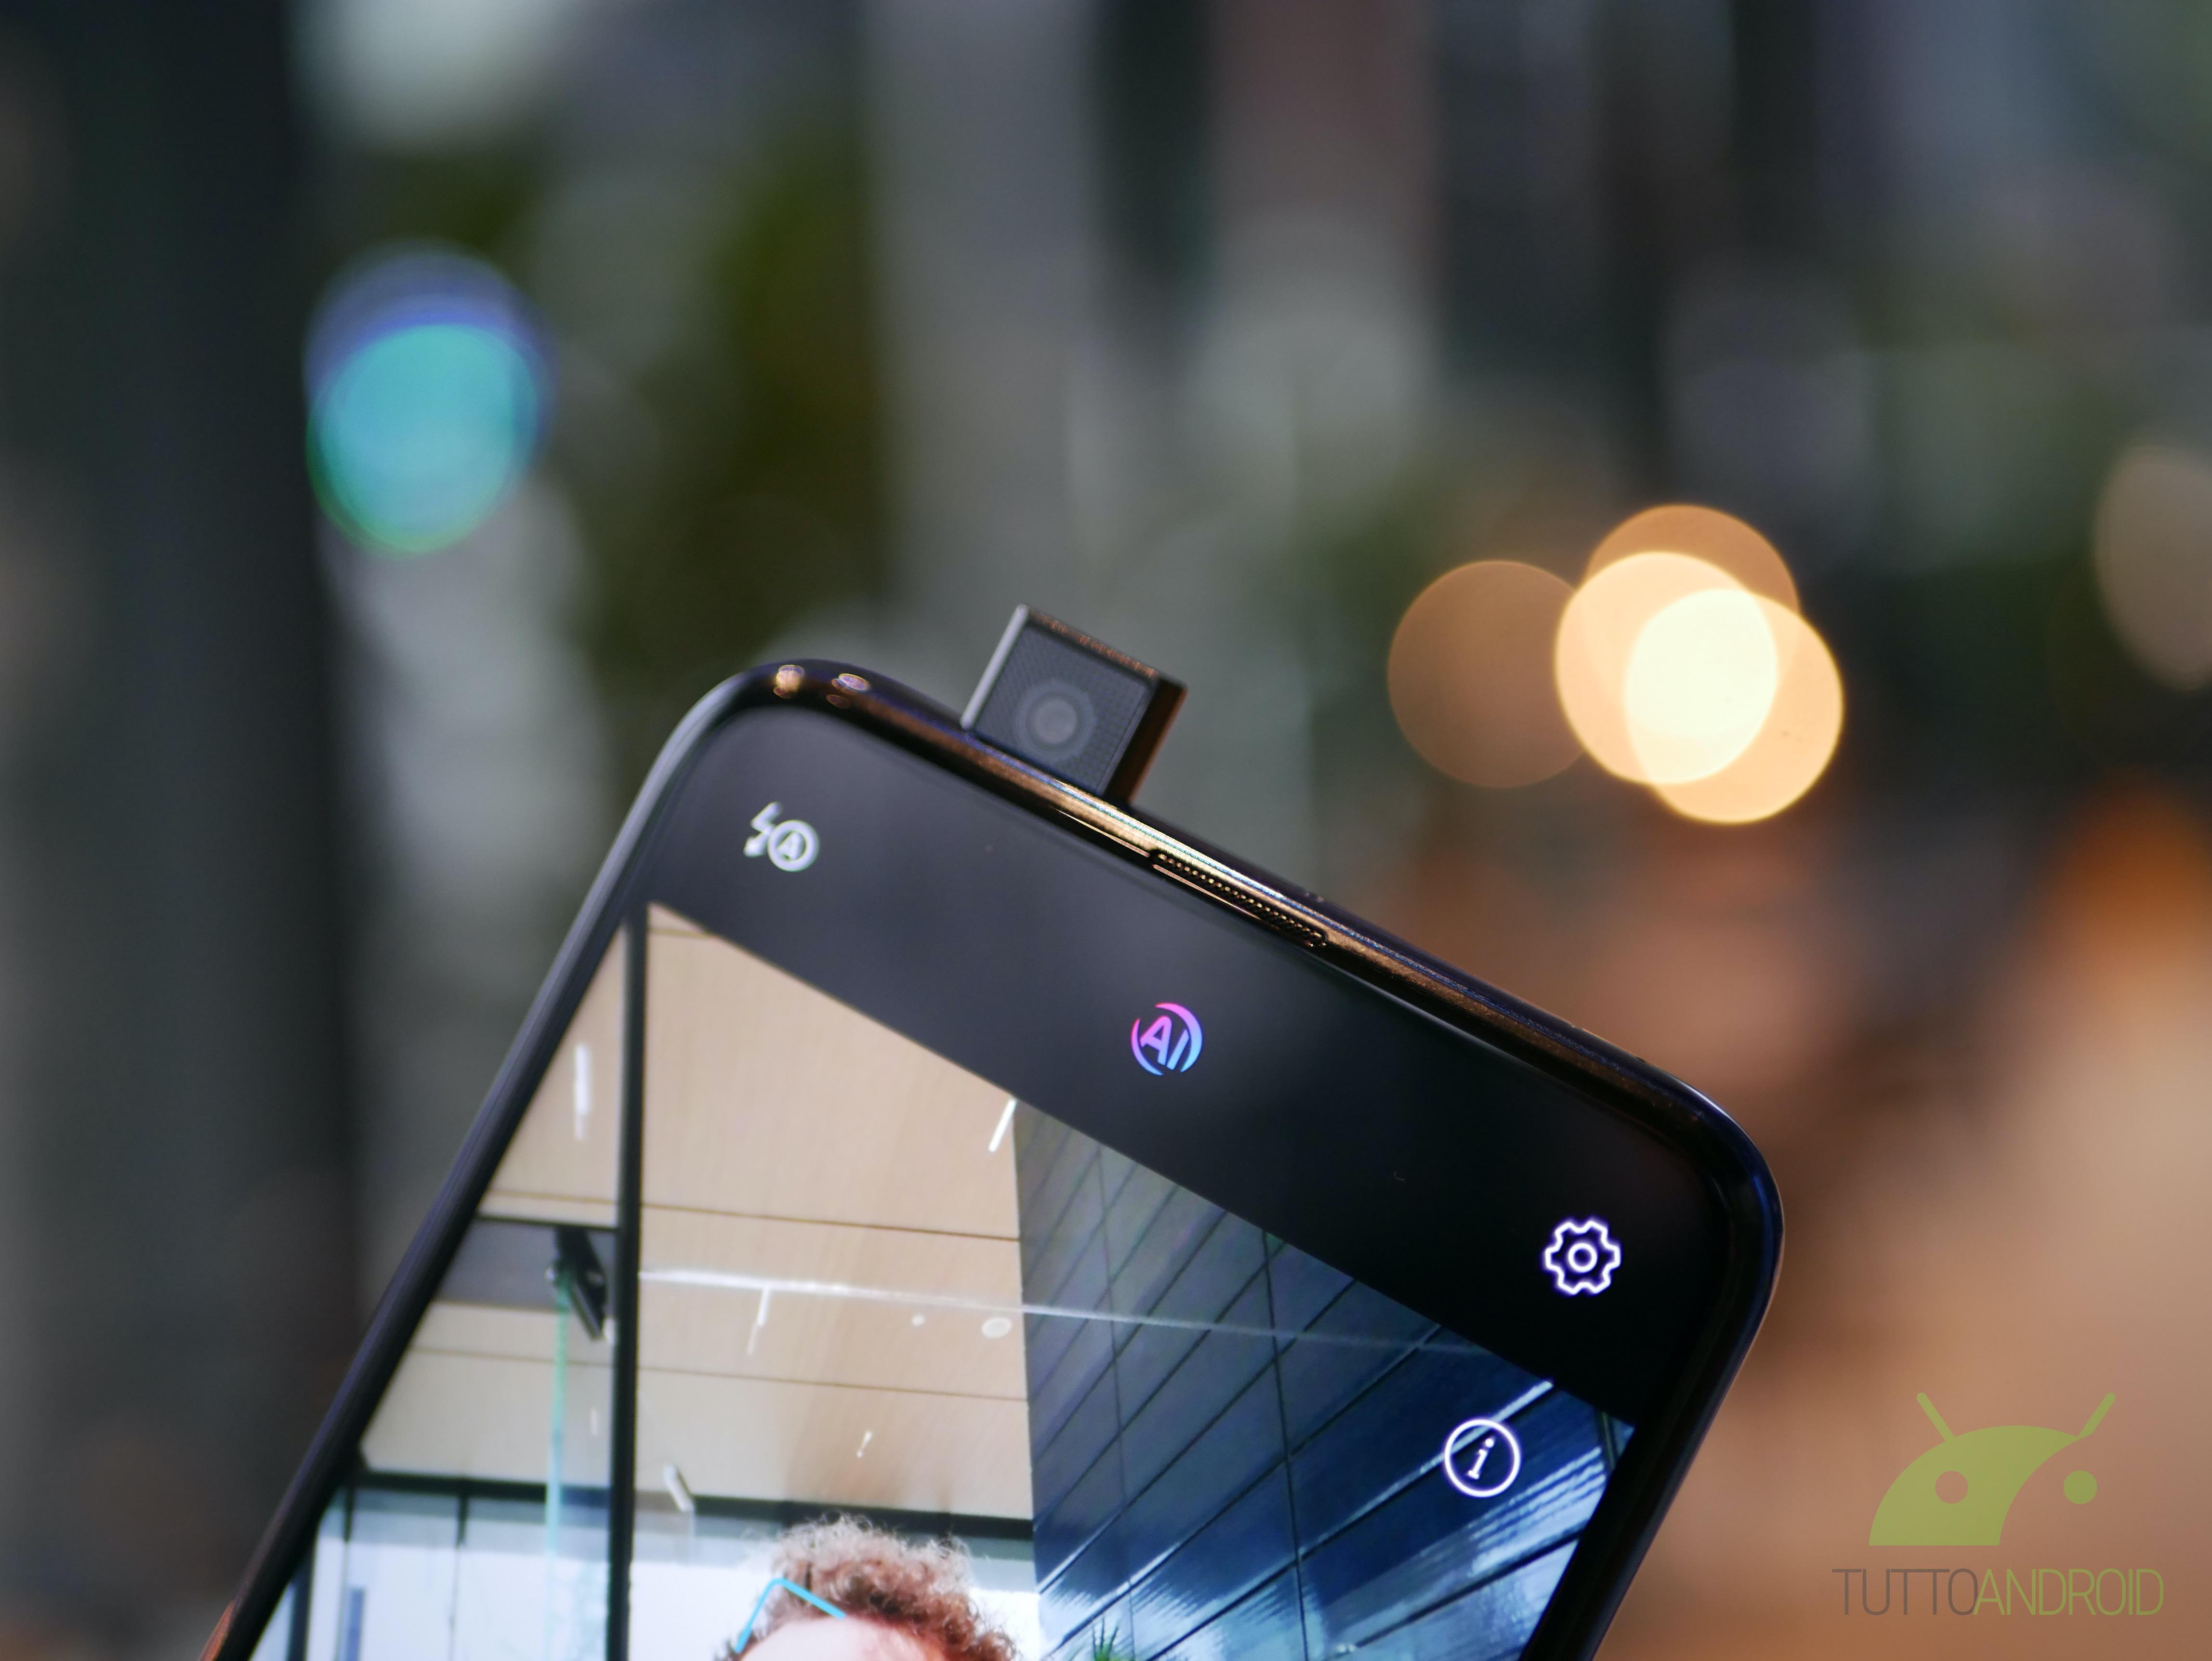 Questo particolare smartphone vi impedisce di scattare foto